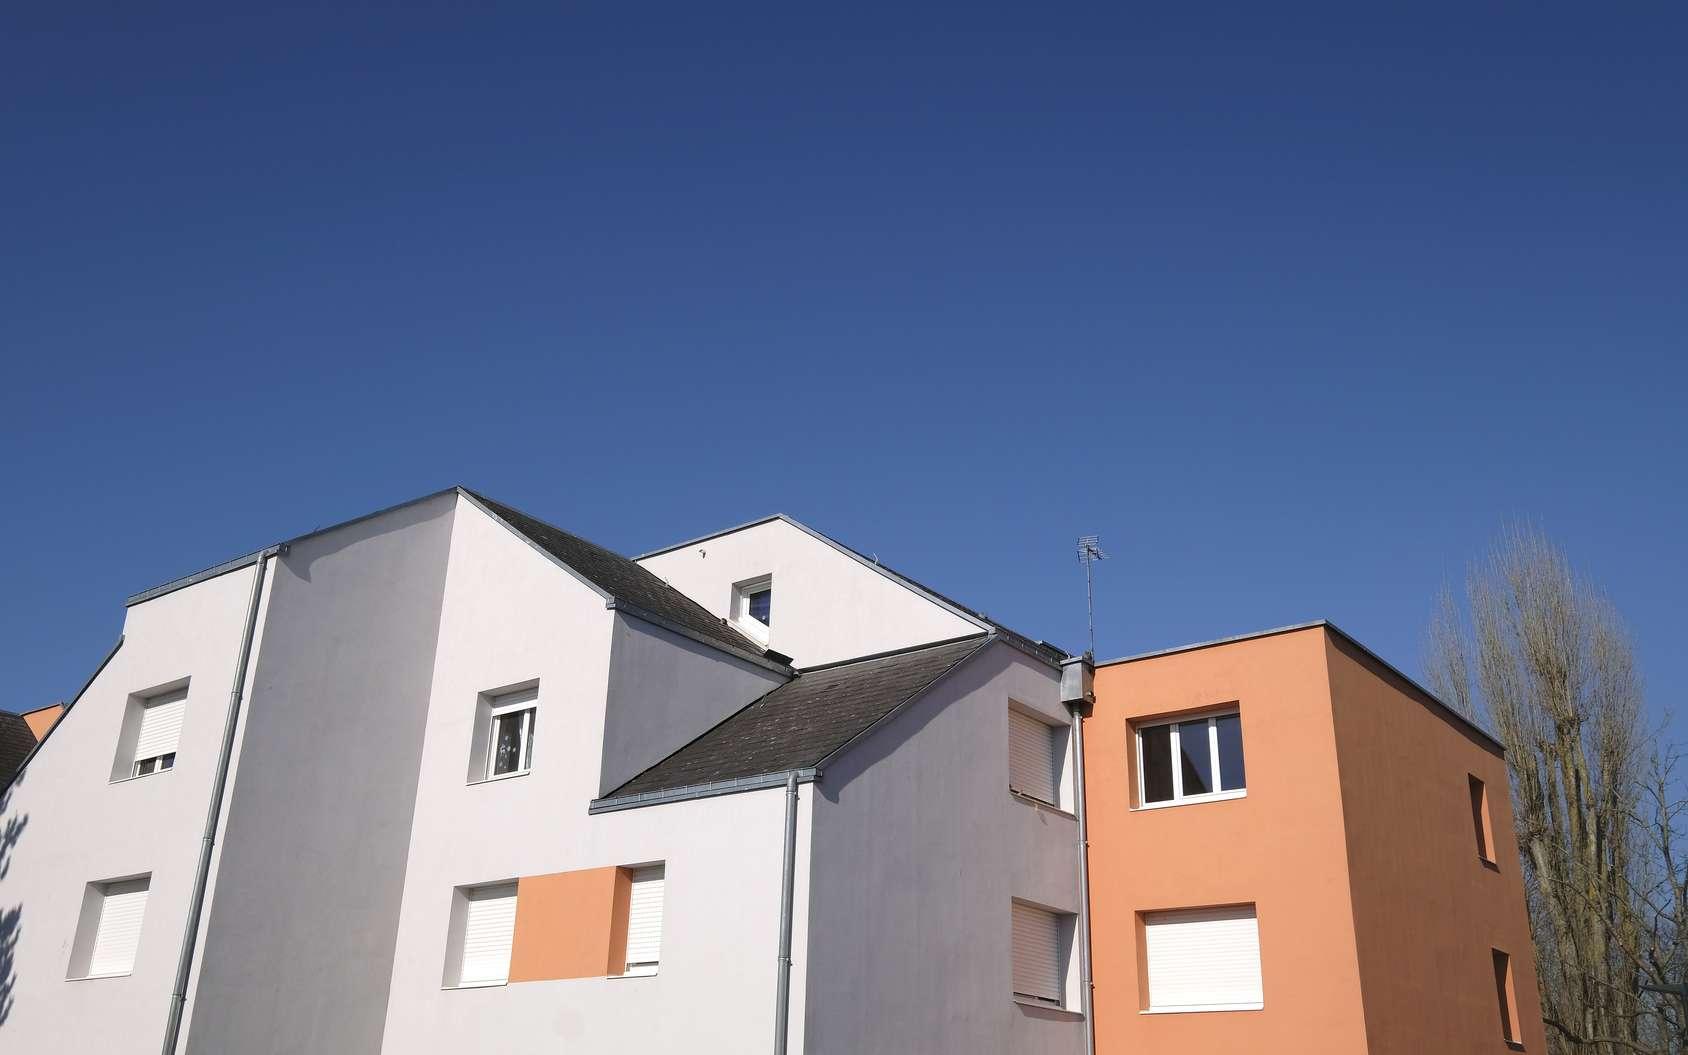 La loi Élan est désormais en vigueur, cette réforme du logement concerne la construction, le secteur des HLM ou encore le contrôle des locations de courte durée... © monregard, Fotolia